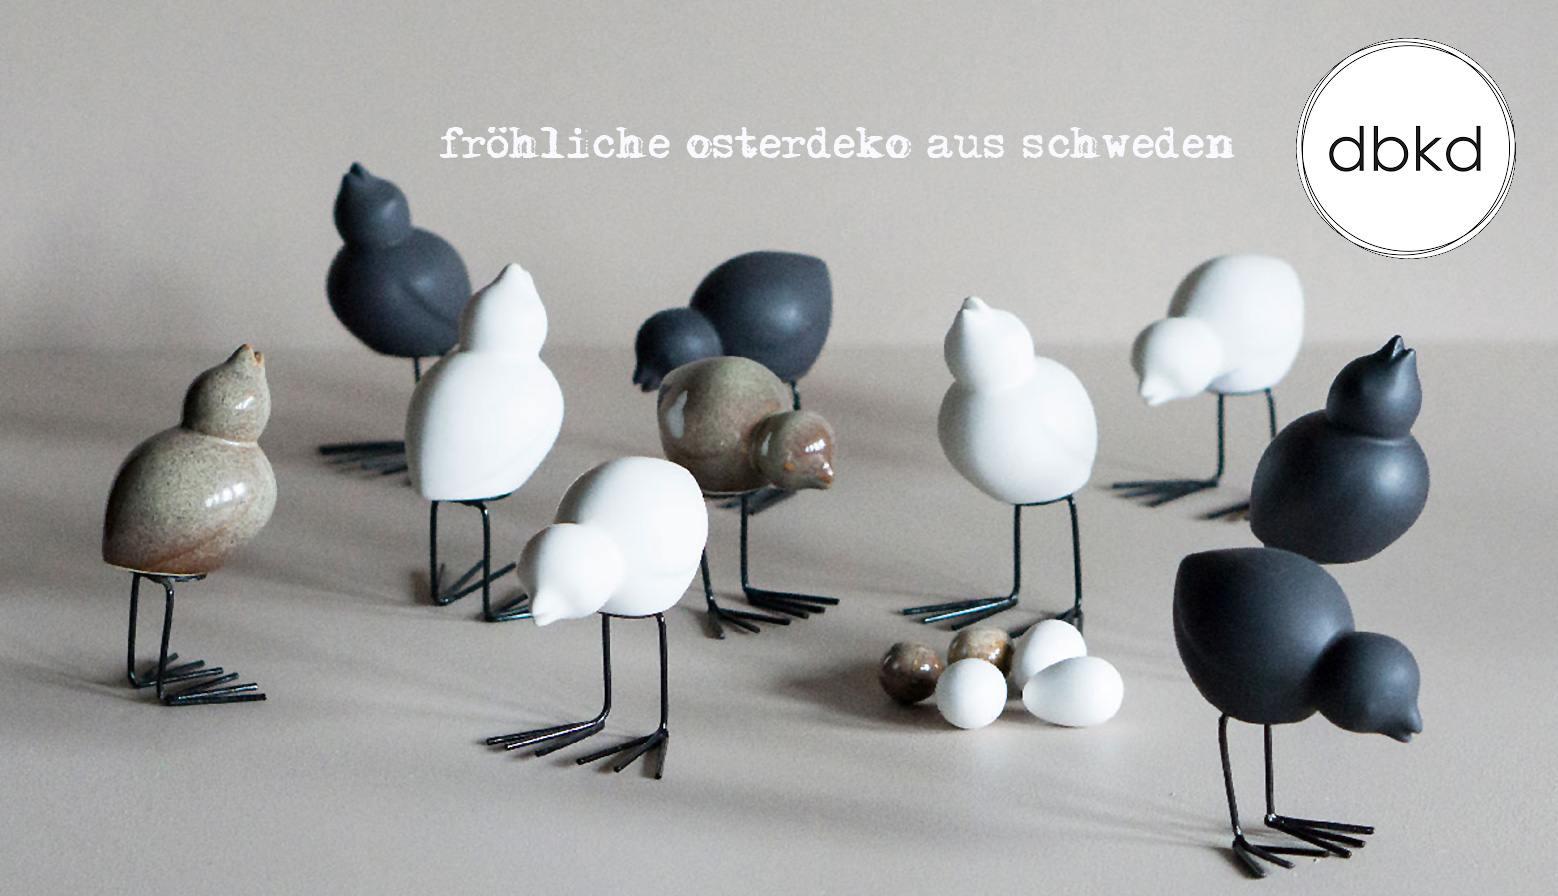 Osterdeko aus Schweden von dbkd im wunderschoen-gemacht shop